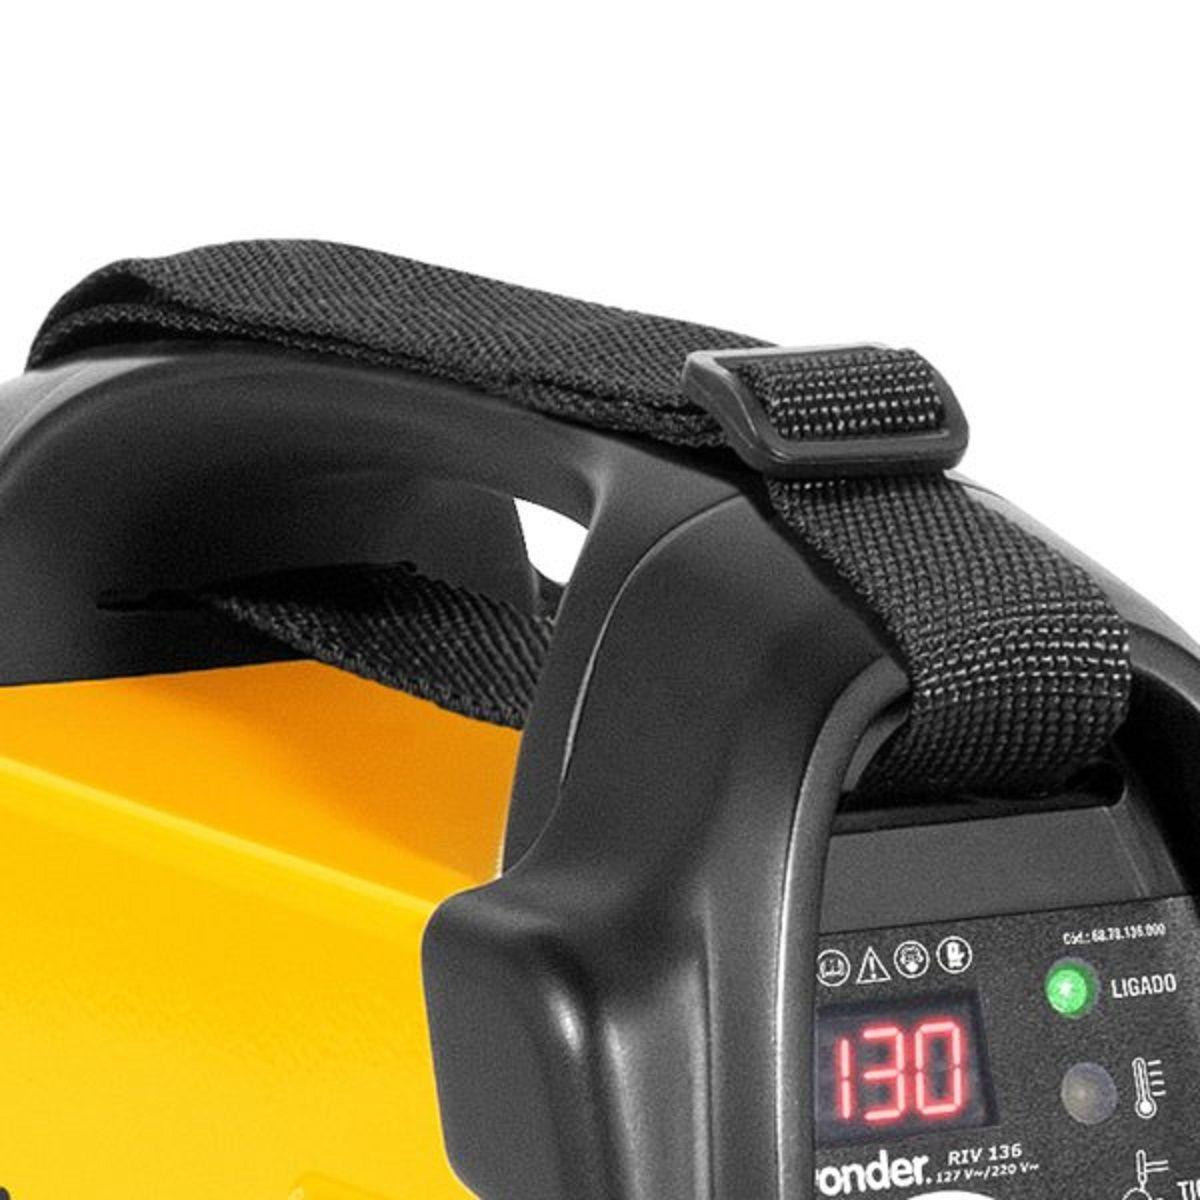 Máquina Inversora de Solda 130A Display Digital Bivolt RIV136 Vonder